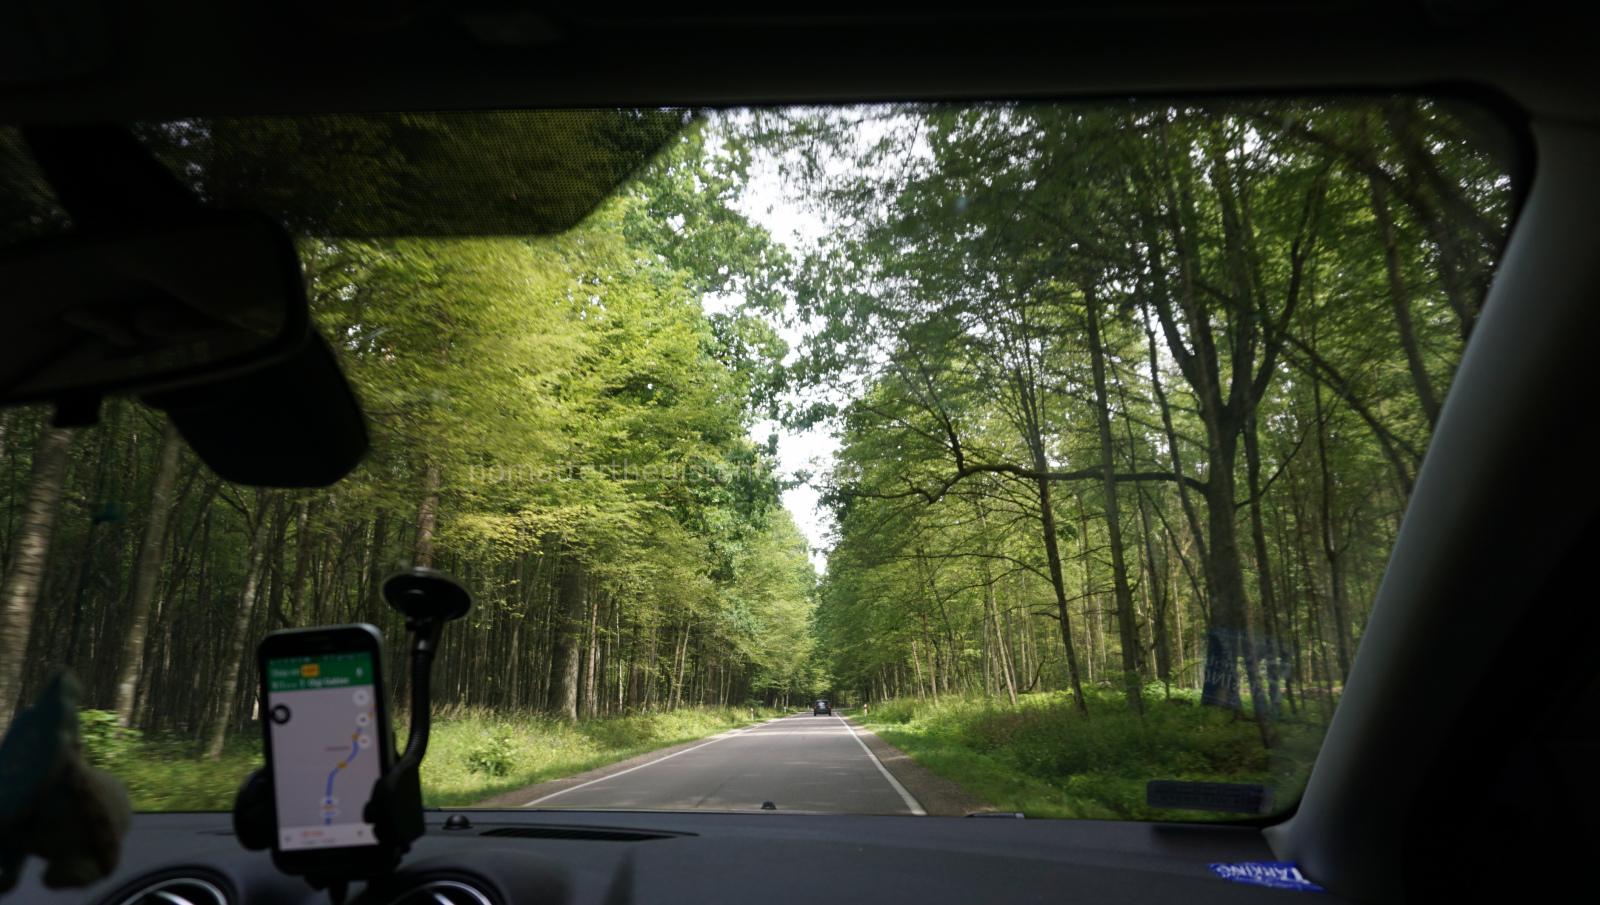 W drodze do Bialowiezy